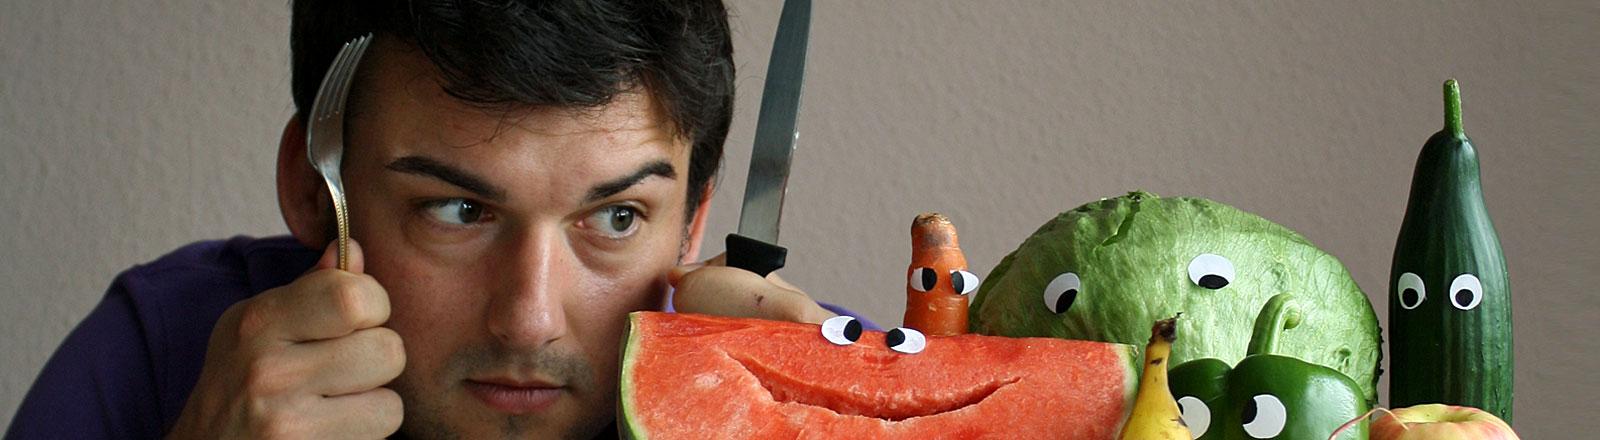 Ein Mann, Messer und Gabel gezückt, starrt auf Gemüse & Obst mit angeklebten Augen